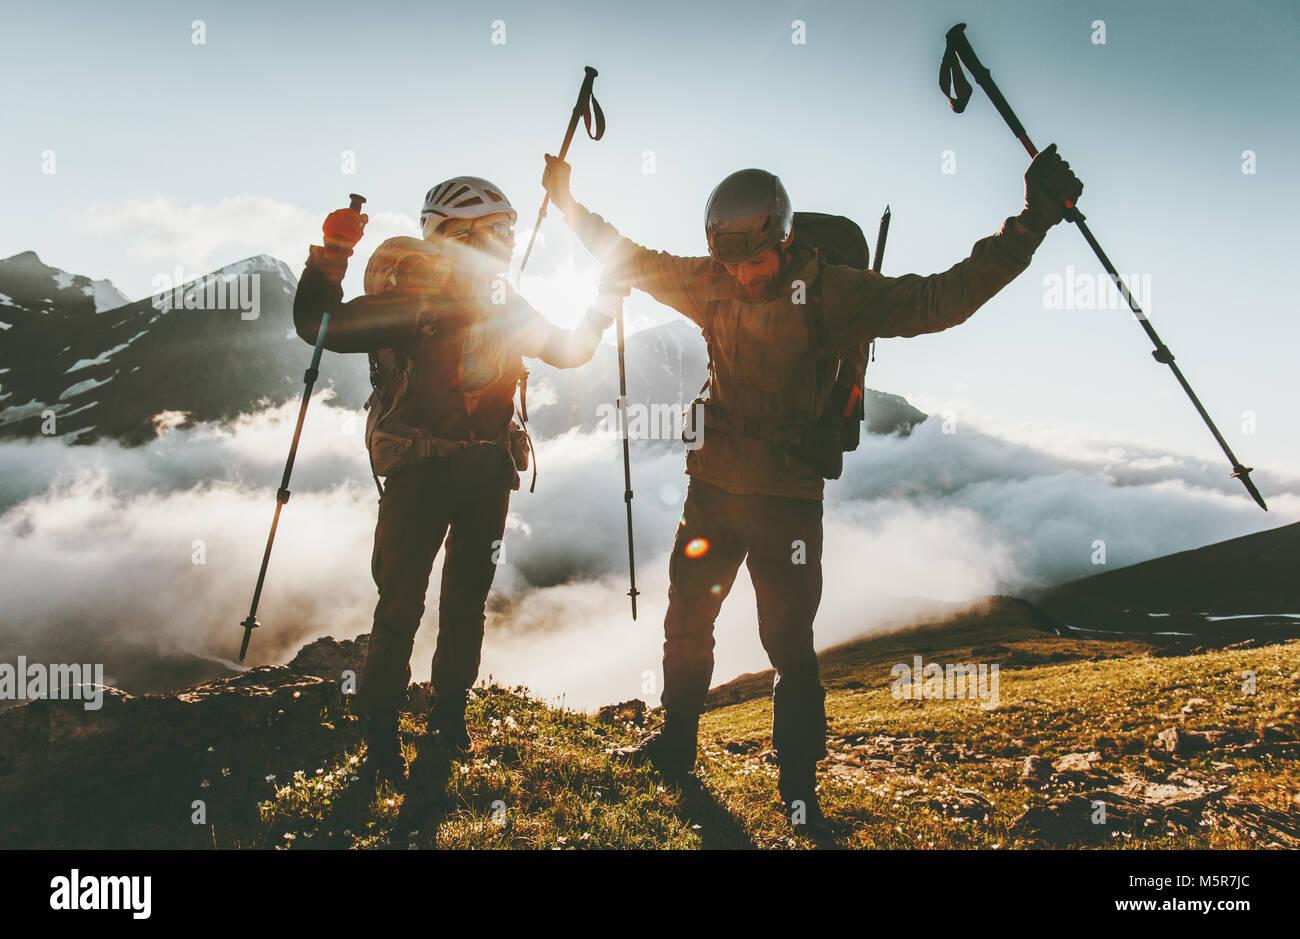 Happy Travel Paar Mann und Frau am Gipfel Liebe und Abenteuer Wandern Lifestyle Fernweh Konzept Abendlicht Stockbild